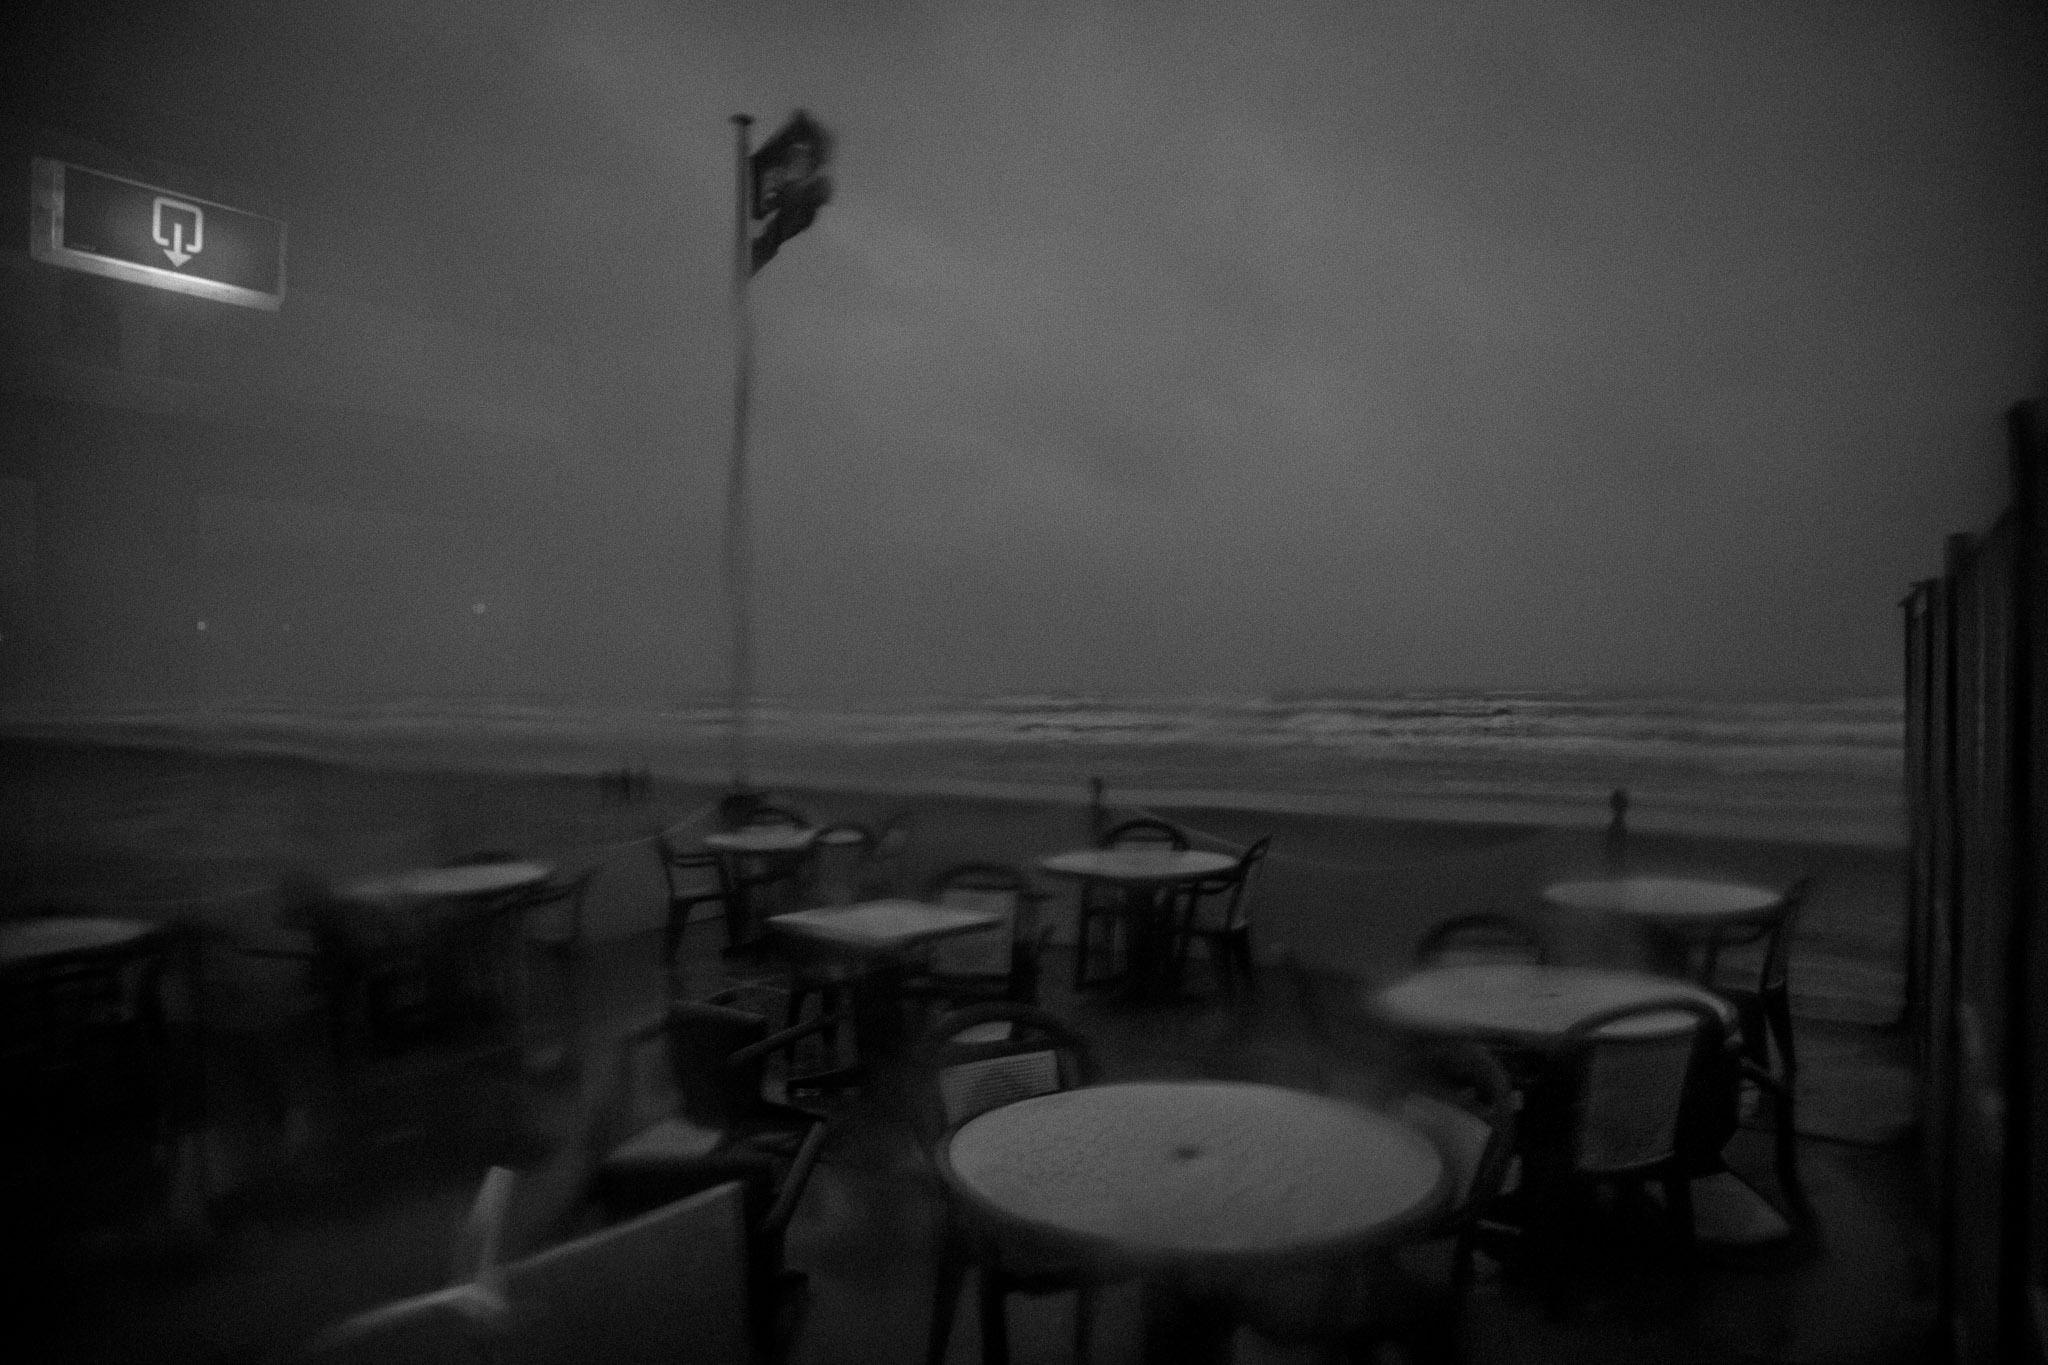 Storm Wijk aan Zee